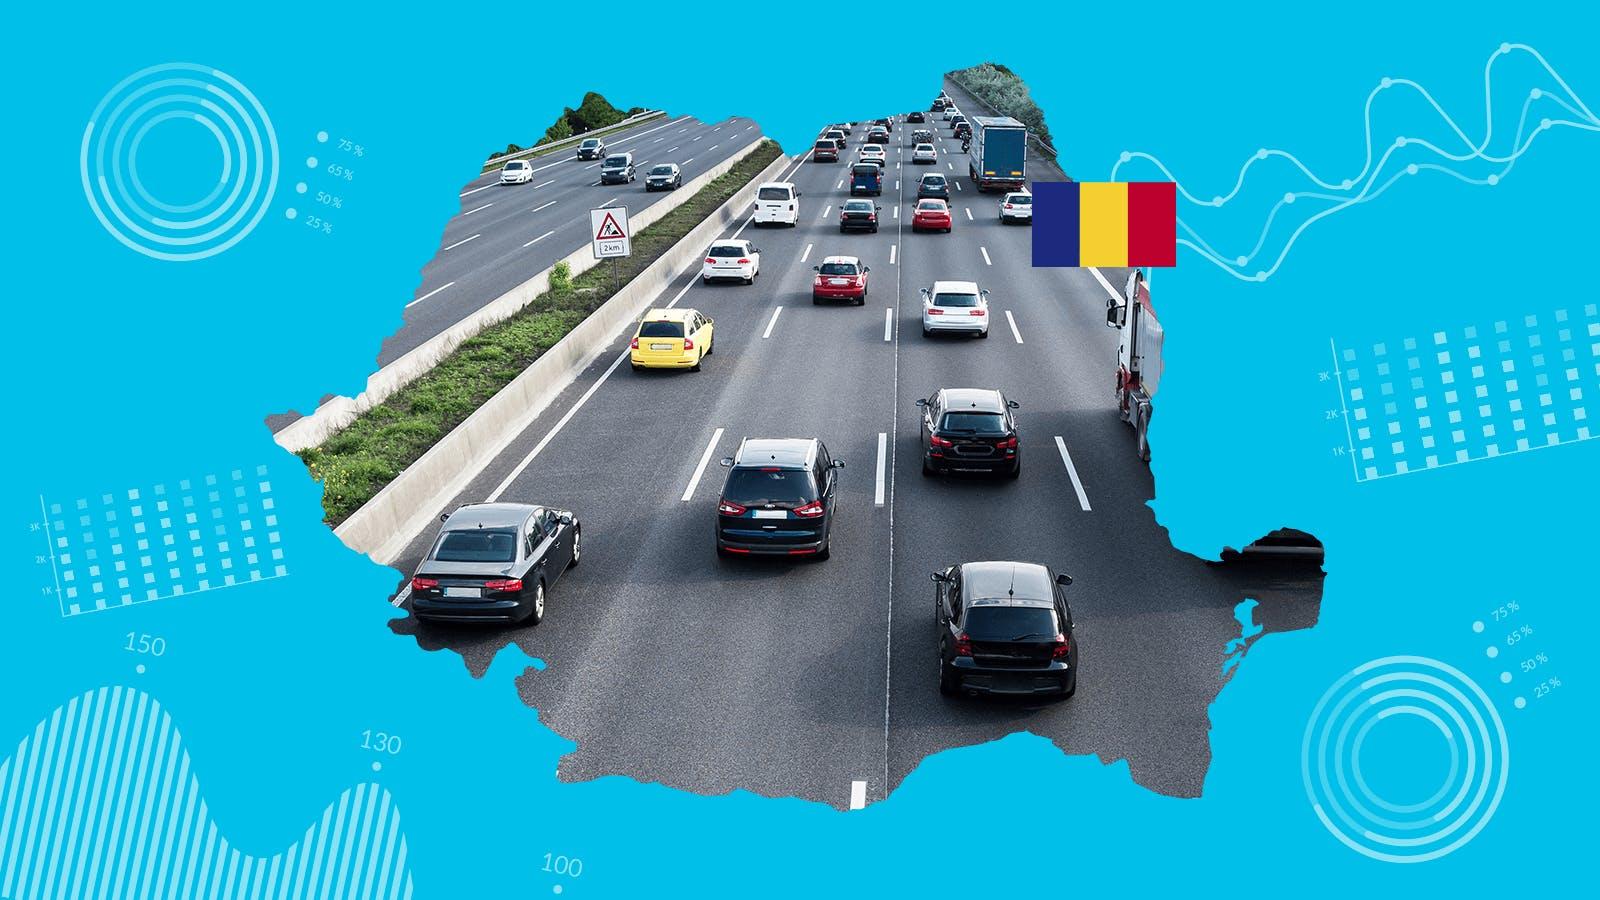 Mașini uzate în România: 1 din 4 a fost avariată, kilometrajul este falsificat cu zeci de mii de kilometri